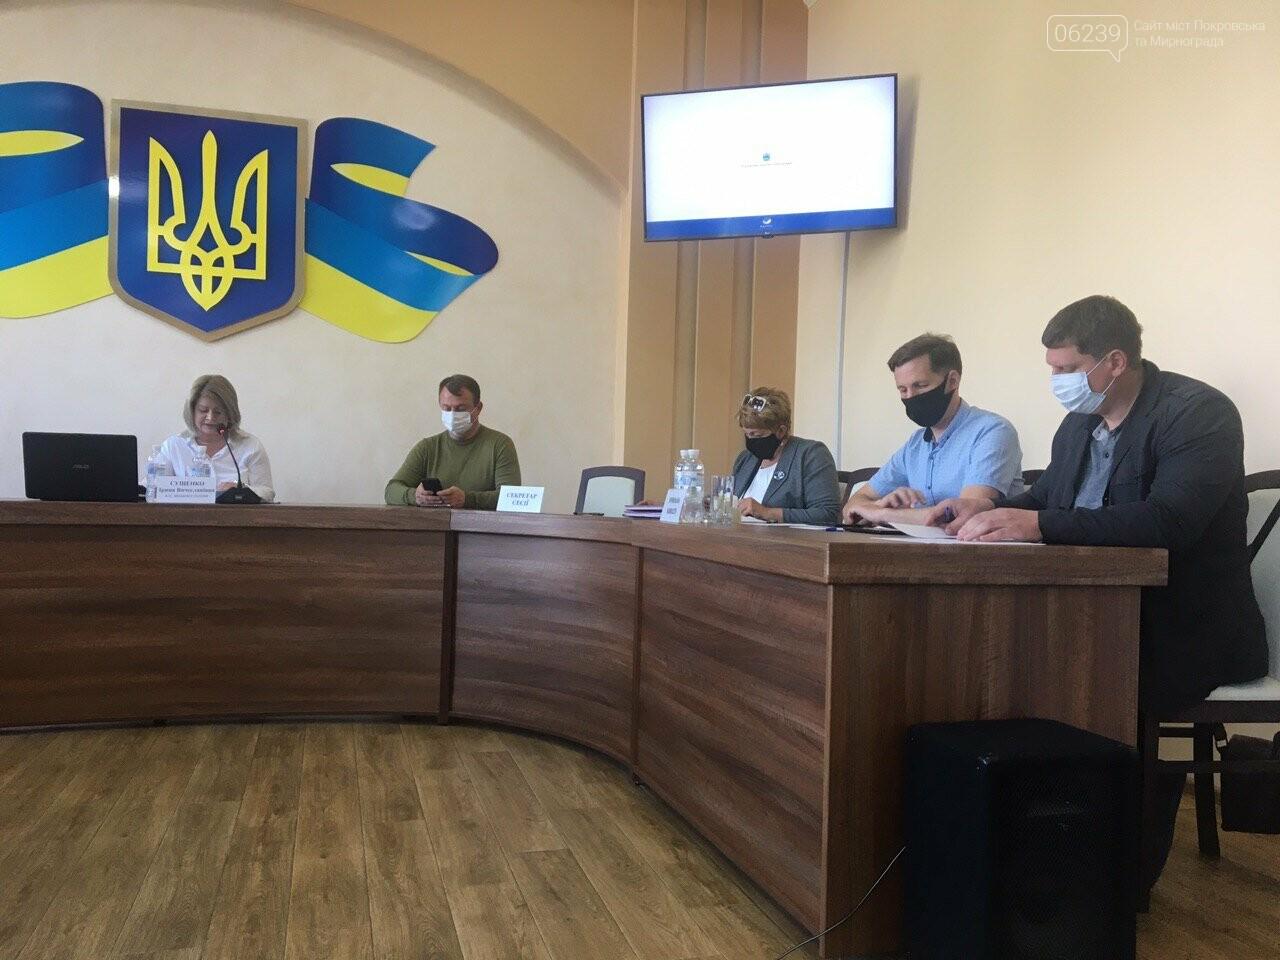 Кадровые перестановки: у Покровского городского головы новые заместители, фото-6